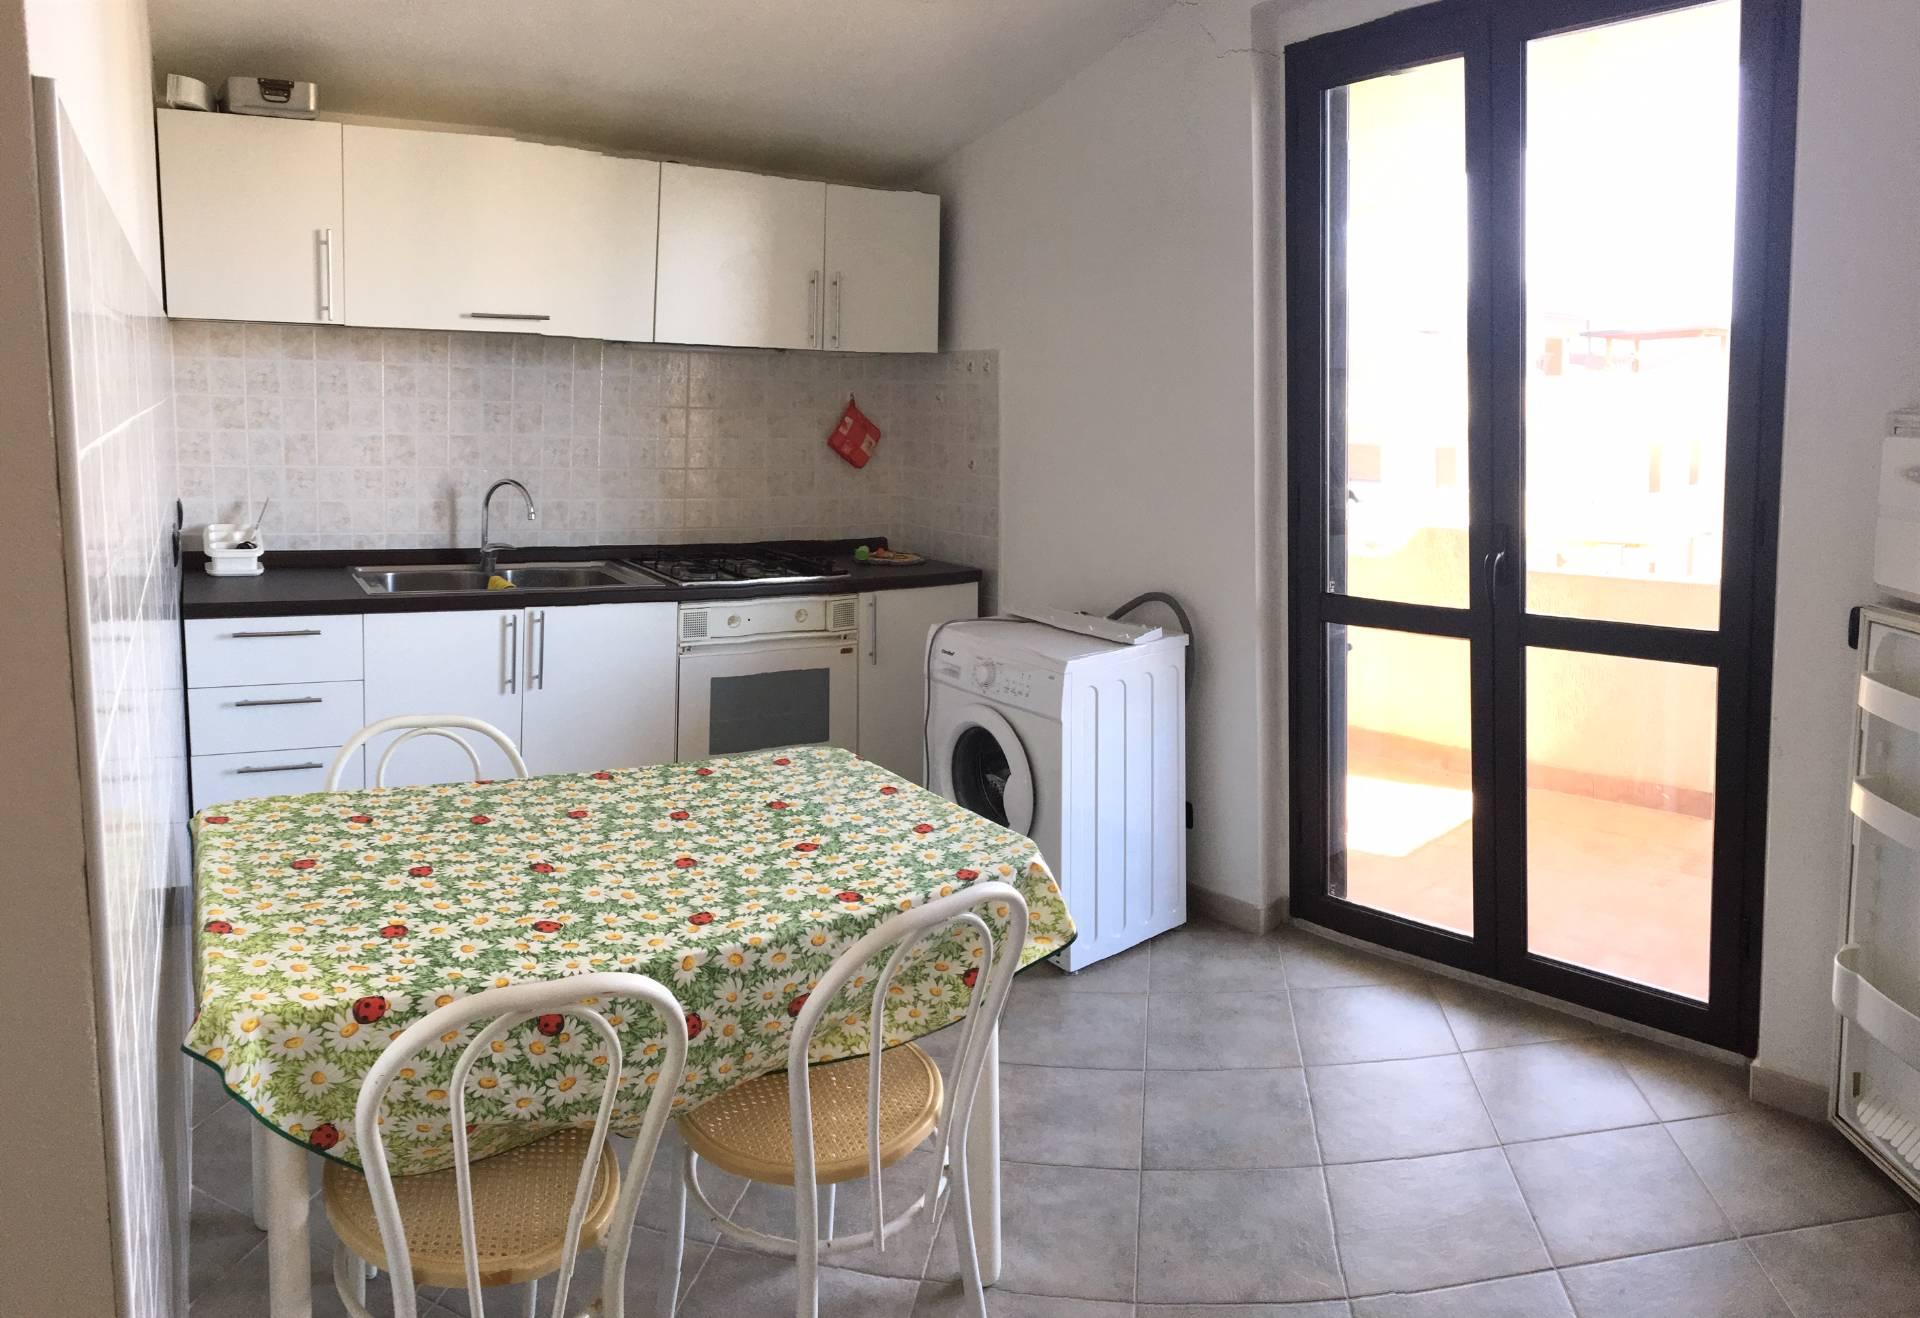 Appartamento in vendita a Sellia Marina, 3 locali, zona Zona: Finocchiara, prezzo € 43.000 | CambioCasa.it